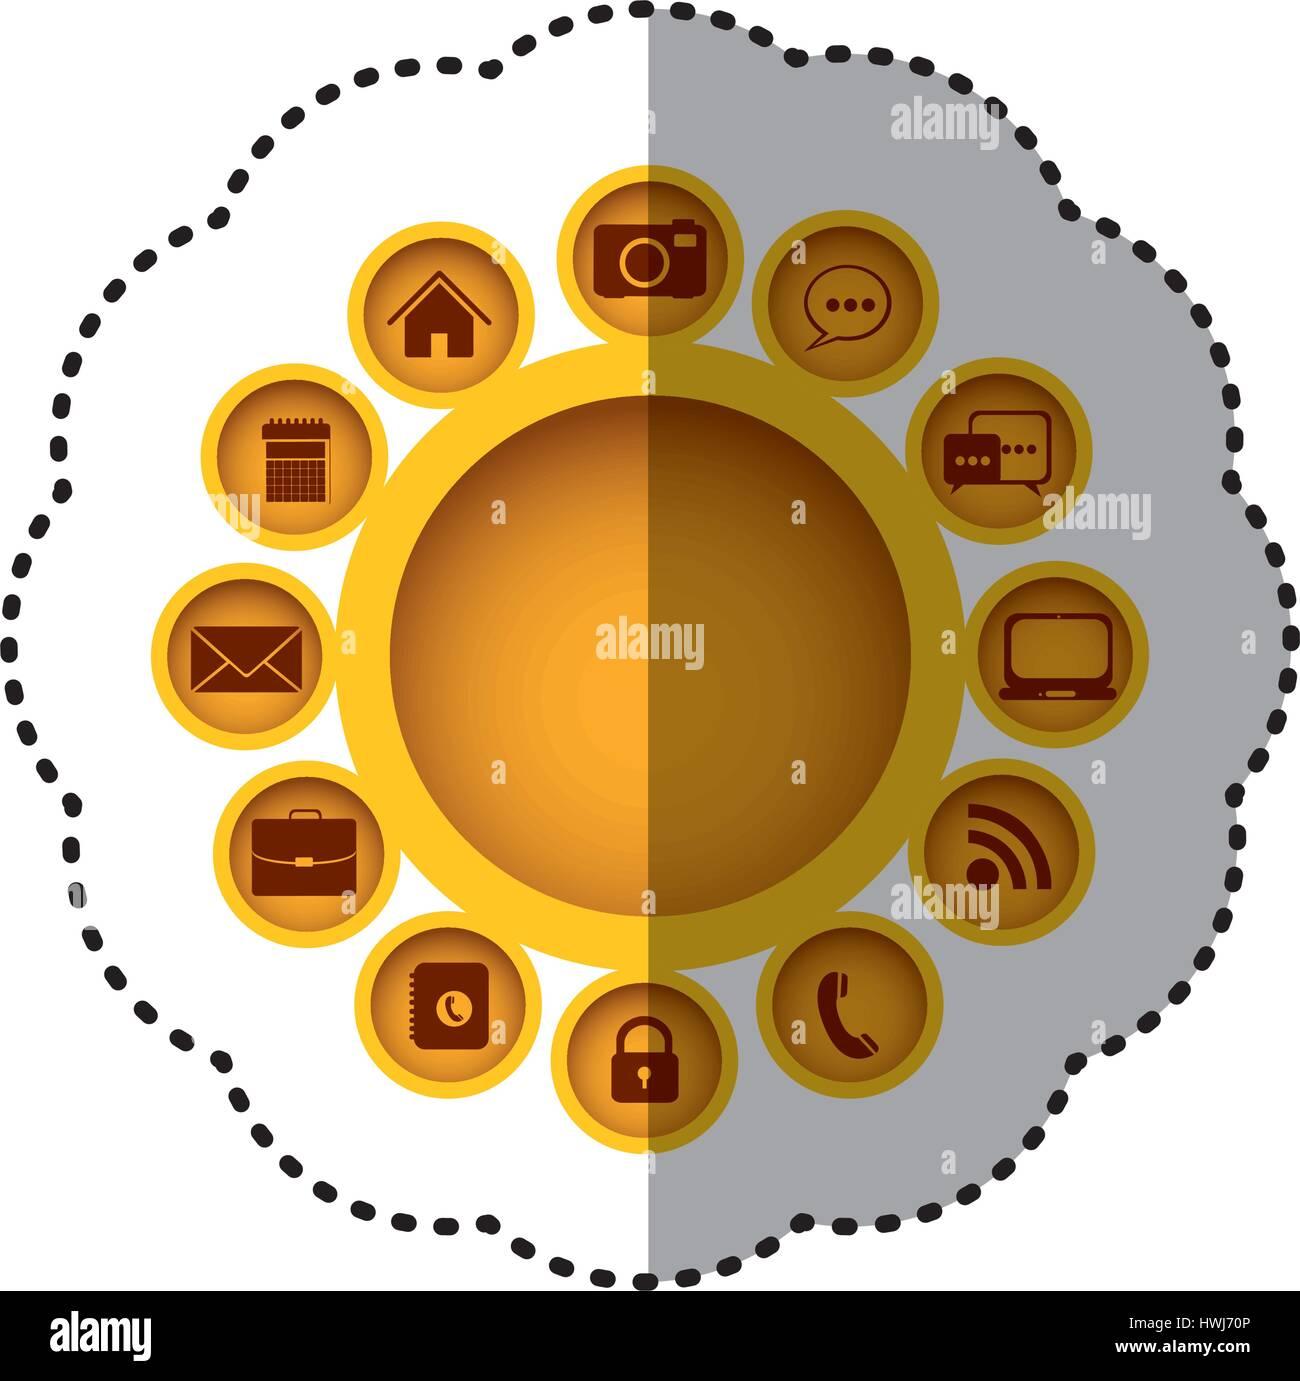 Aplicaciones La tecnología icono conexiones amarillo Imagen De Stock